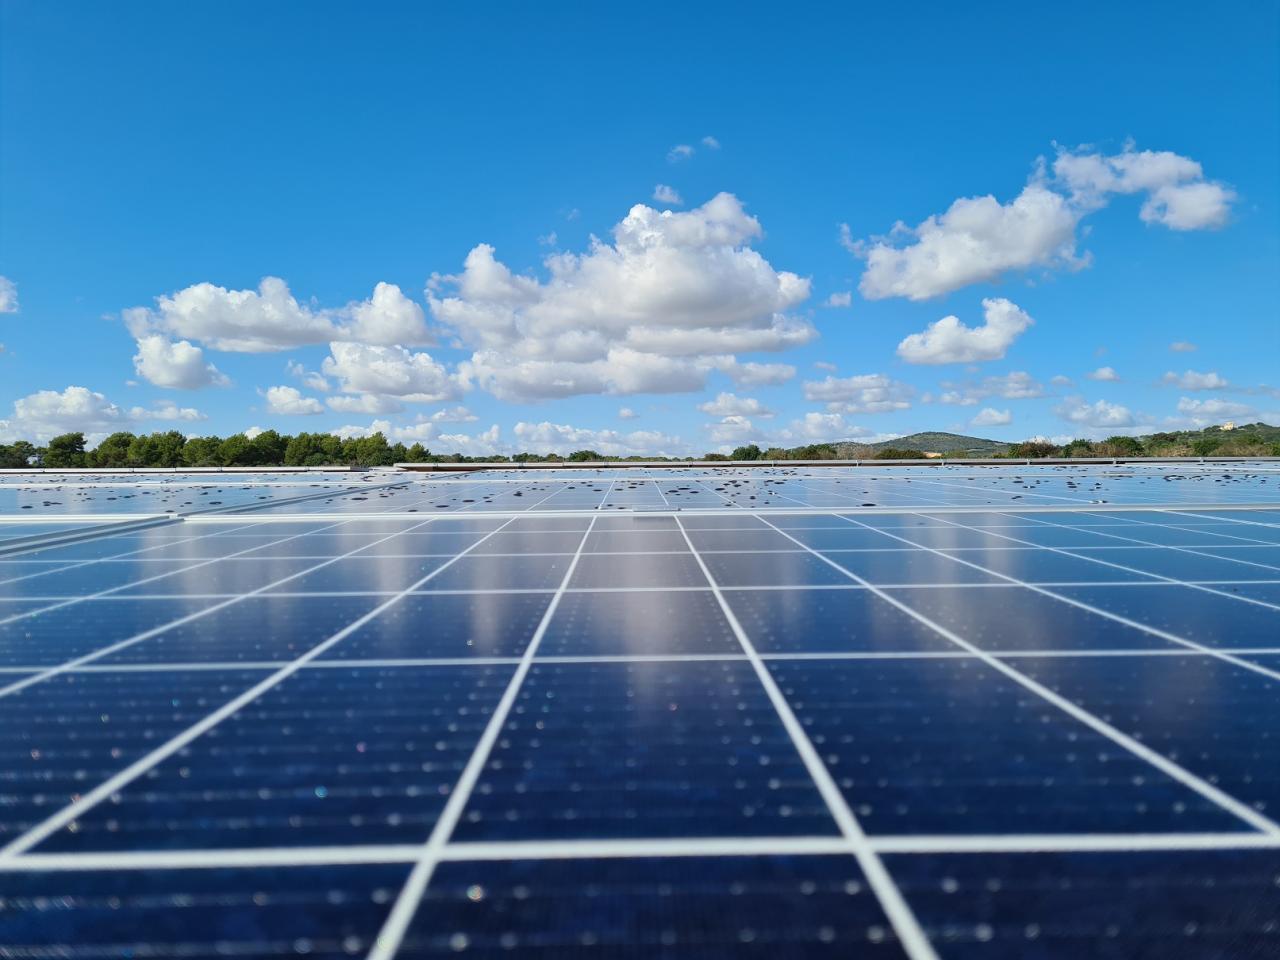 Imagen del proyecto fotovoltaico